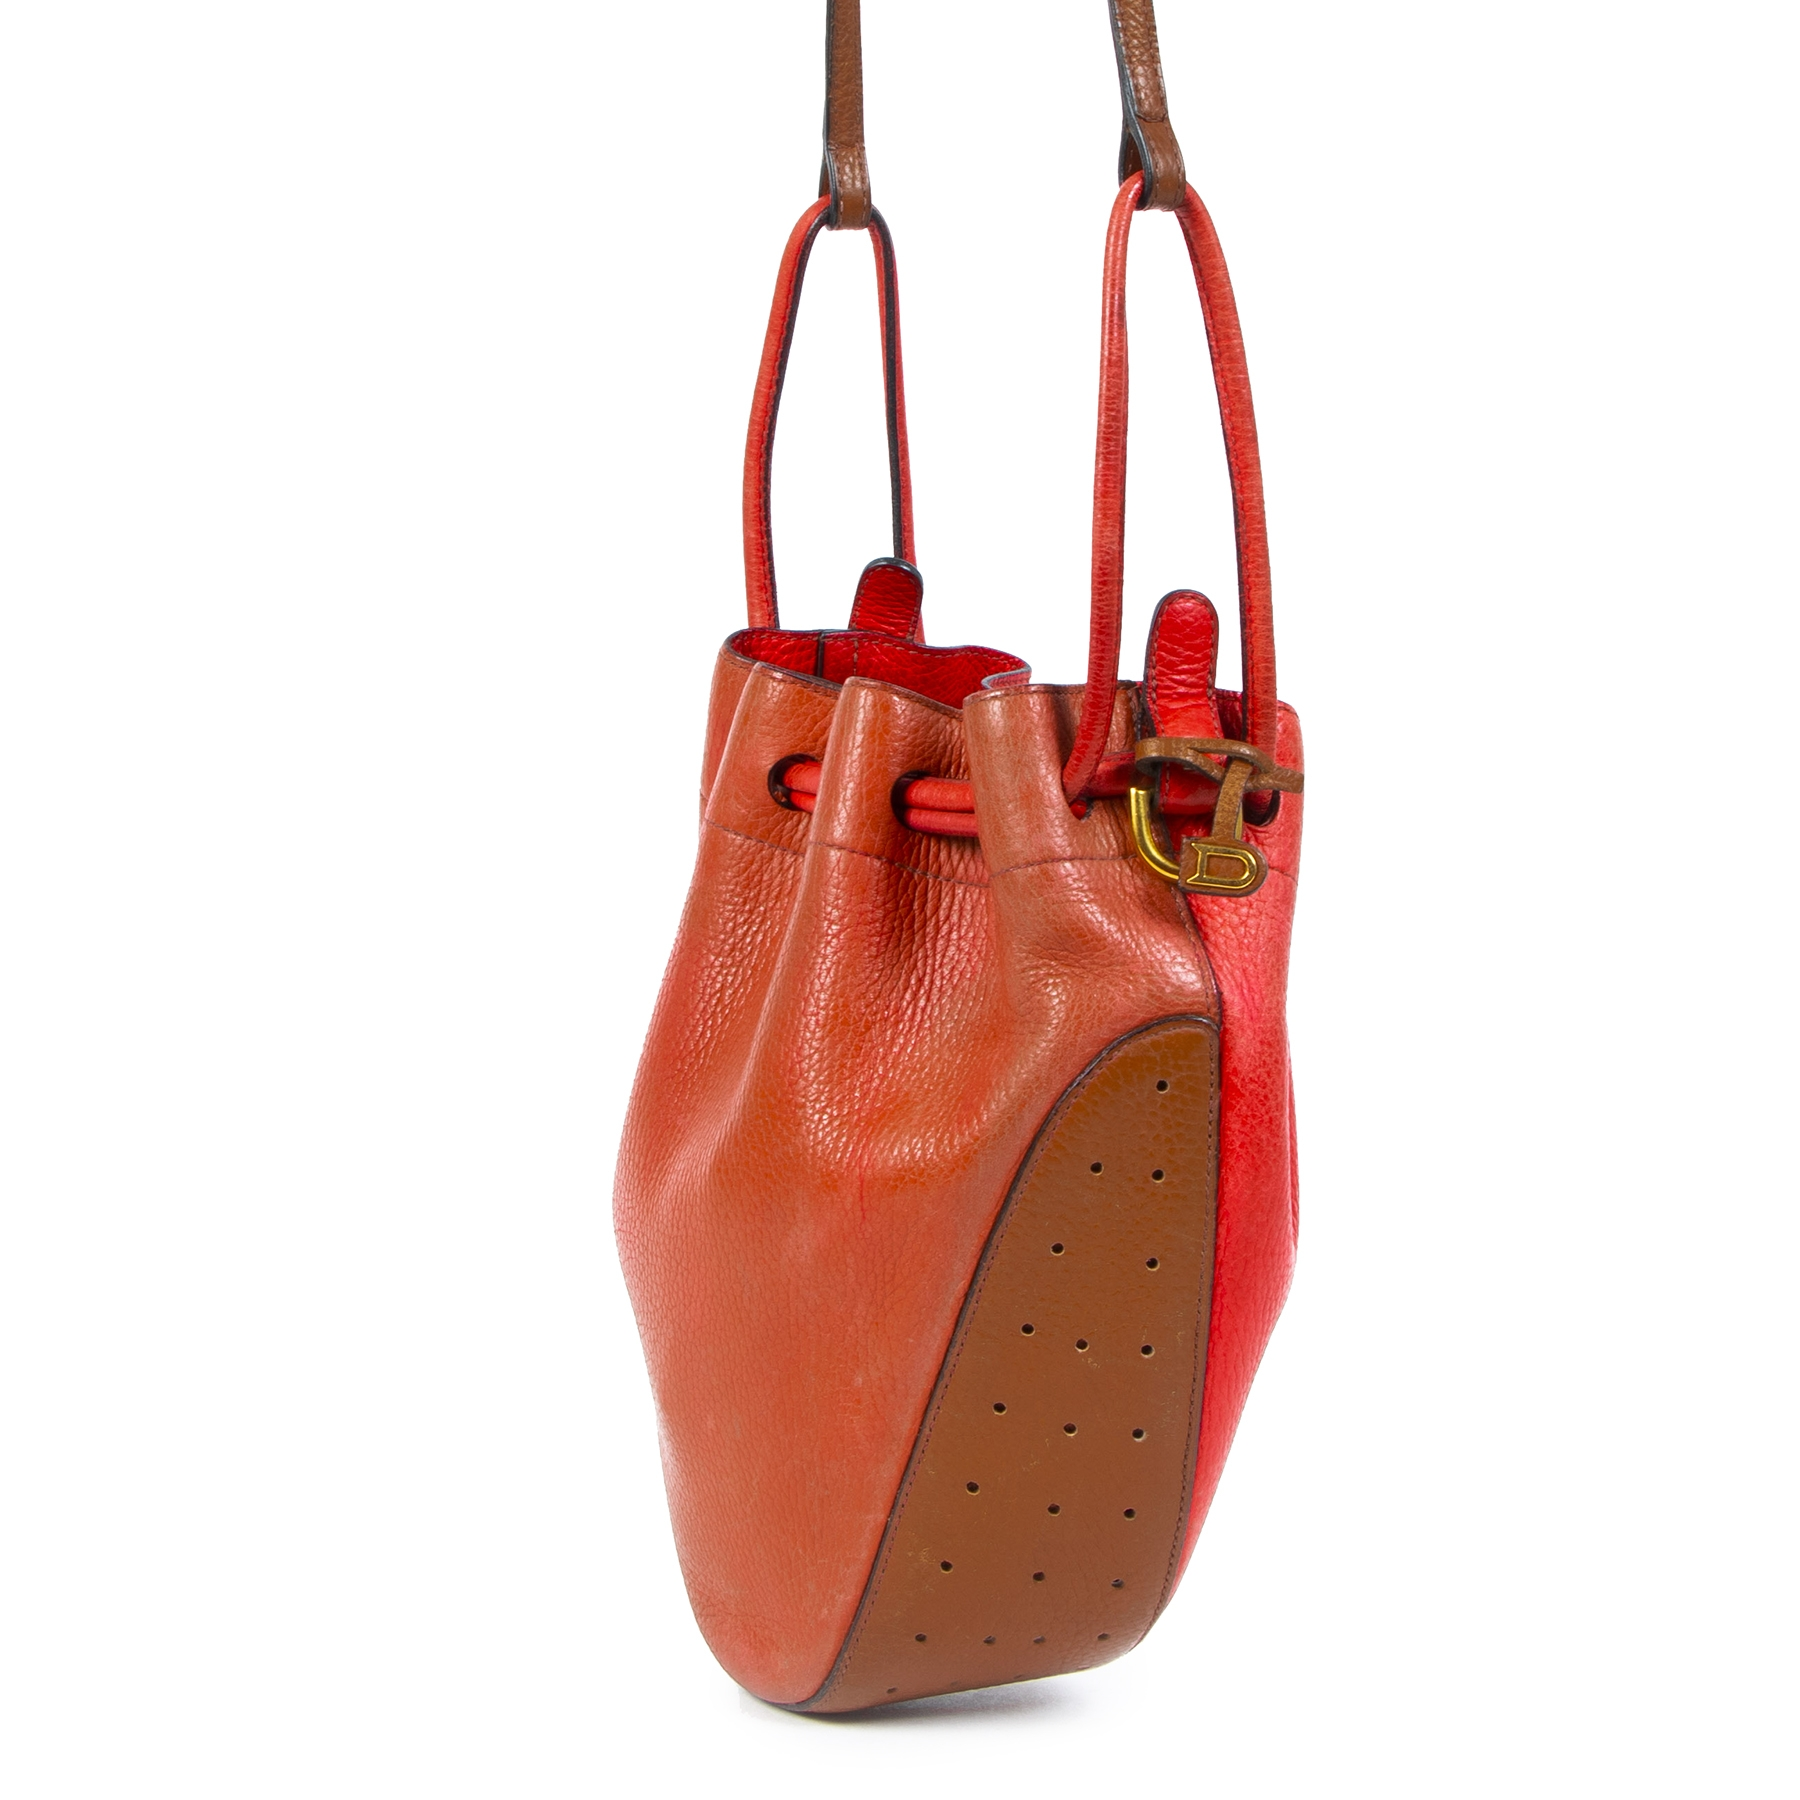 Koop Tweedehands Delvaux Multicolor Bucket Bag aan de juiste prijs in alle veiligheid LabelLOV luxe merken webshop Antwerpen België